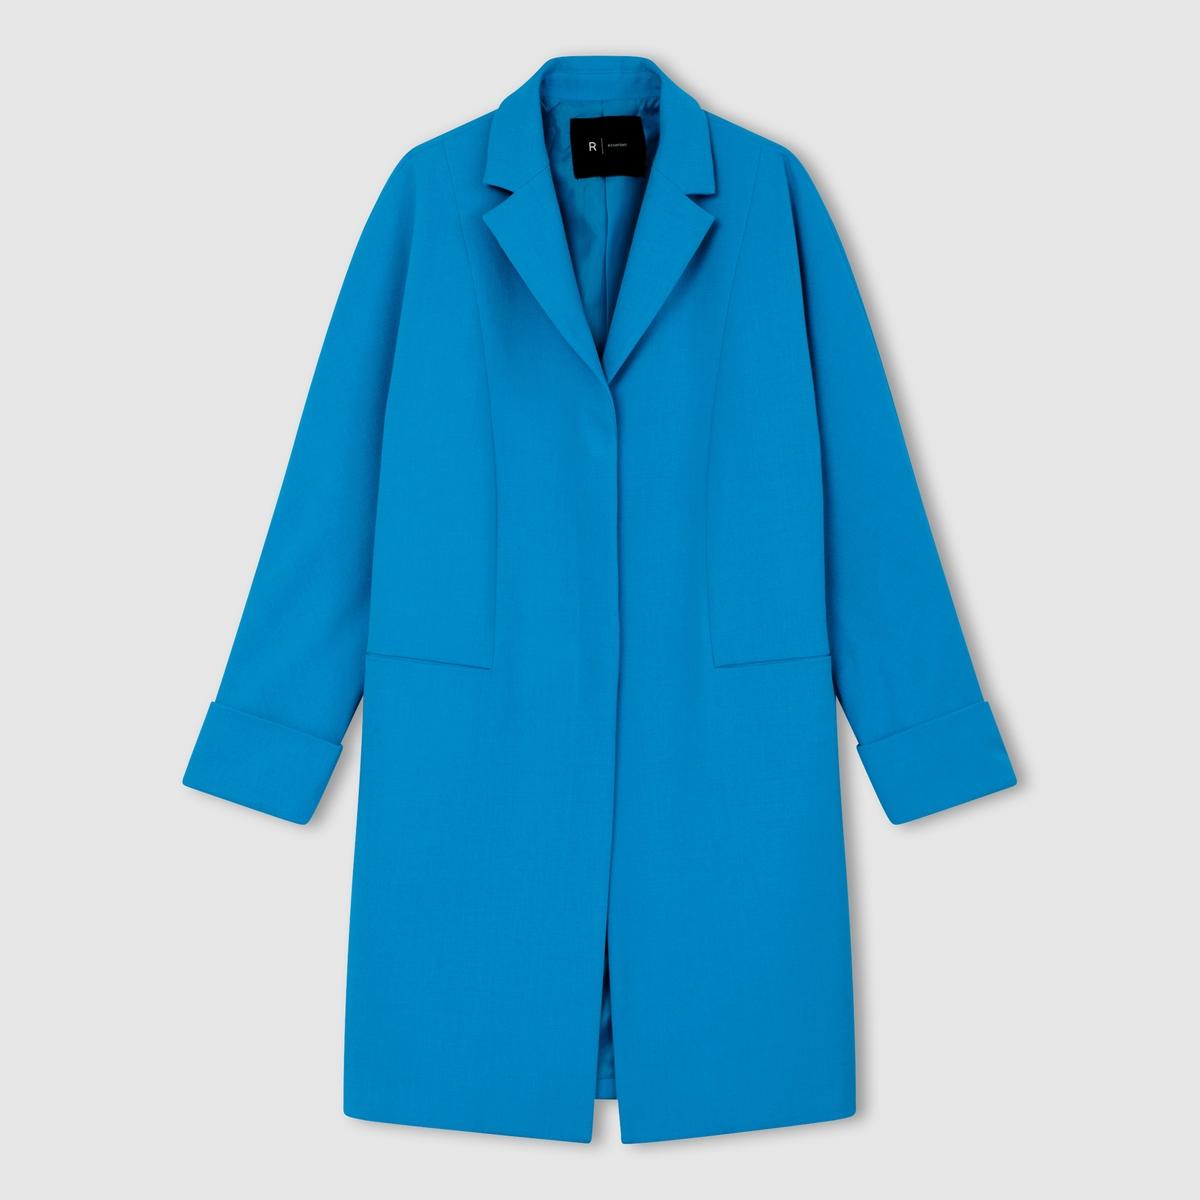 Пальто каплеобразной формыПальто каплеобразной формы, широкий покрой. 60% полиэстера, 36% вискозы, 4% эластана . Подкладка из 100% полиэстера. 2 кармана спереди. Рукава с отворотами. Длина 95 см.<br><br>Цвет: красный,ярко-синий<br>Размер: 42 (FR) - 48 (RUS).40 (FR) - 46 (RUS).48 (FR) - 54 (RUS)